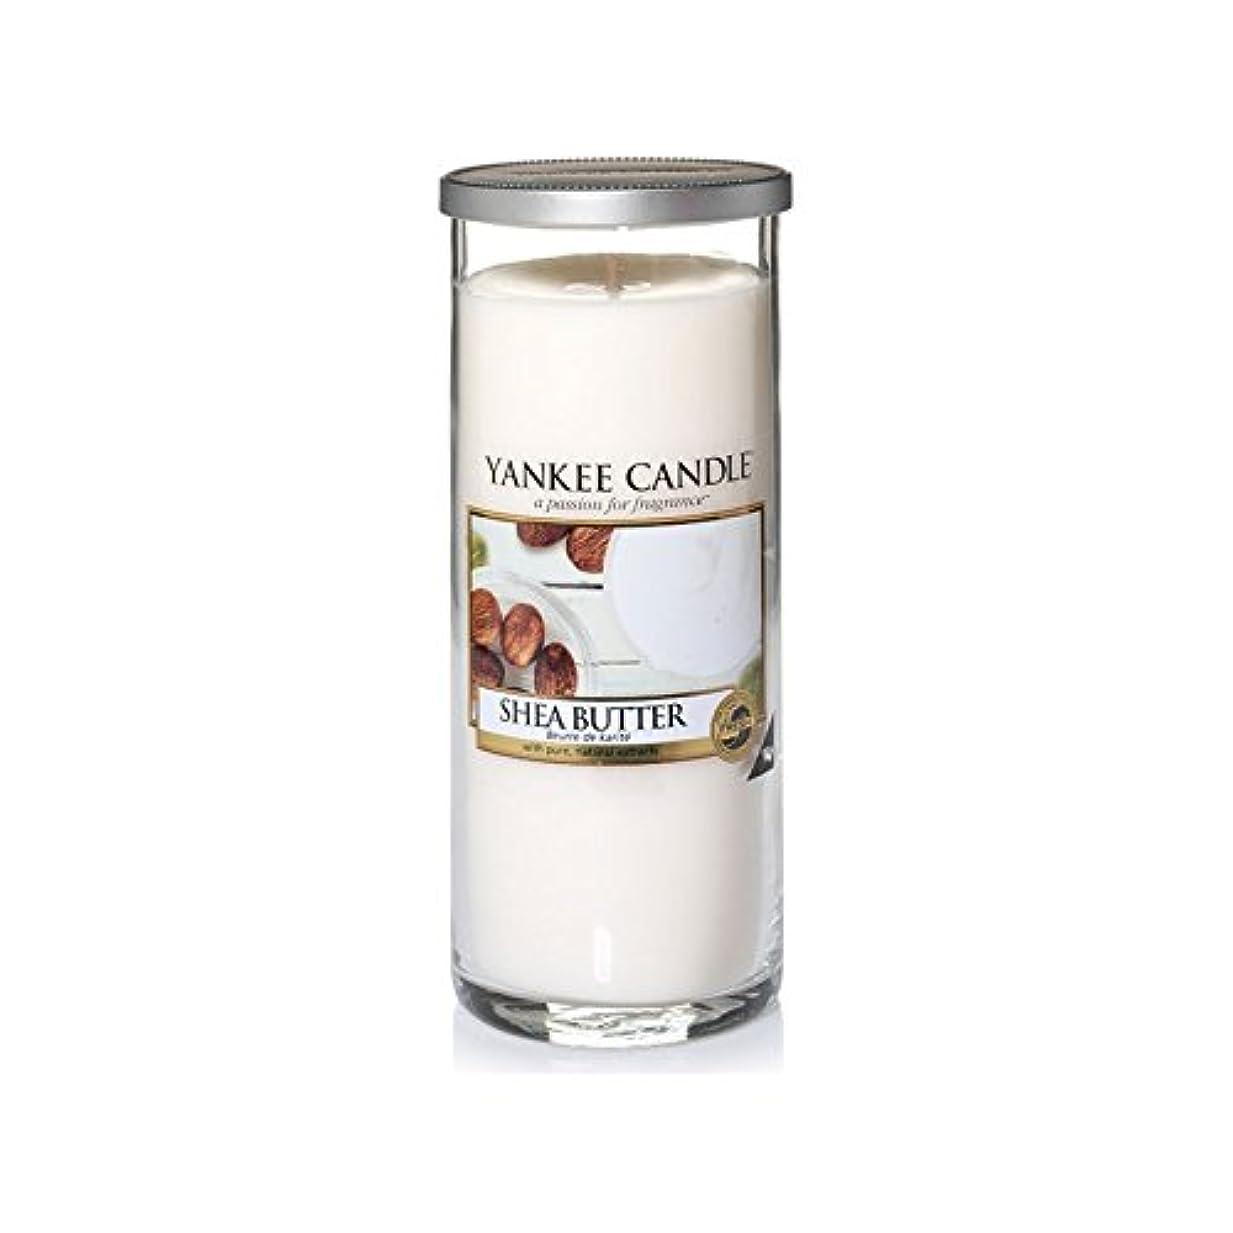 静かにプロフェッショナル鉱石Yankee Candles Large Pillar Candle - Shea Butter (Pack of 2) - ヤンキーキャンドル大きな柱キャンドル - シアバター (x2) [並行輸入品]